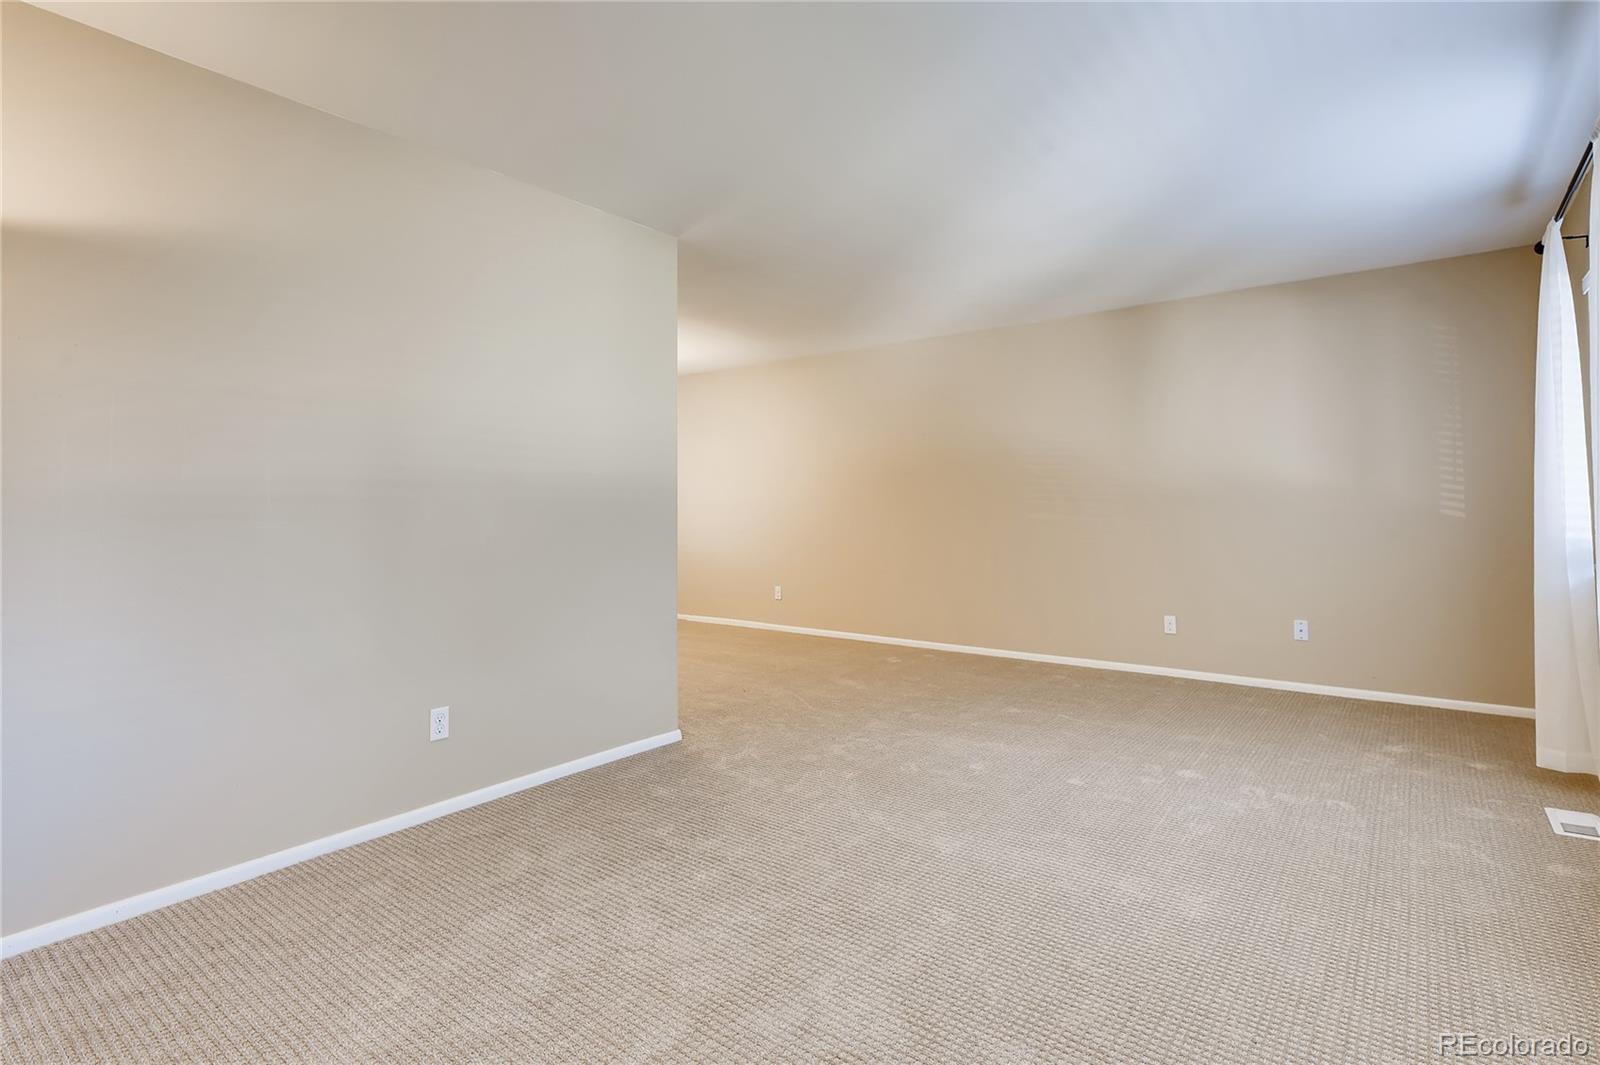 MLS# 6454303 - 4 - 13566 W Auburn Avenue, Lakewood, CO 80228